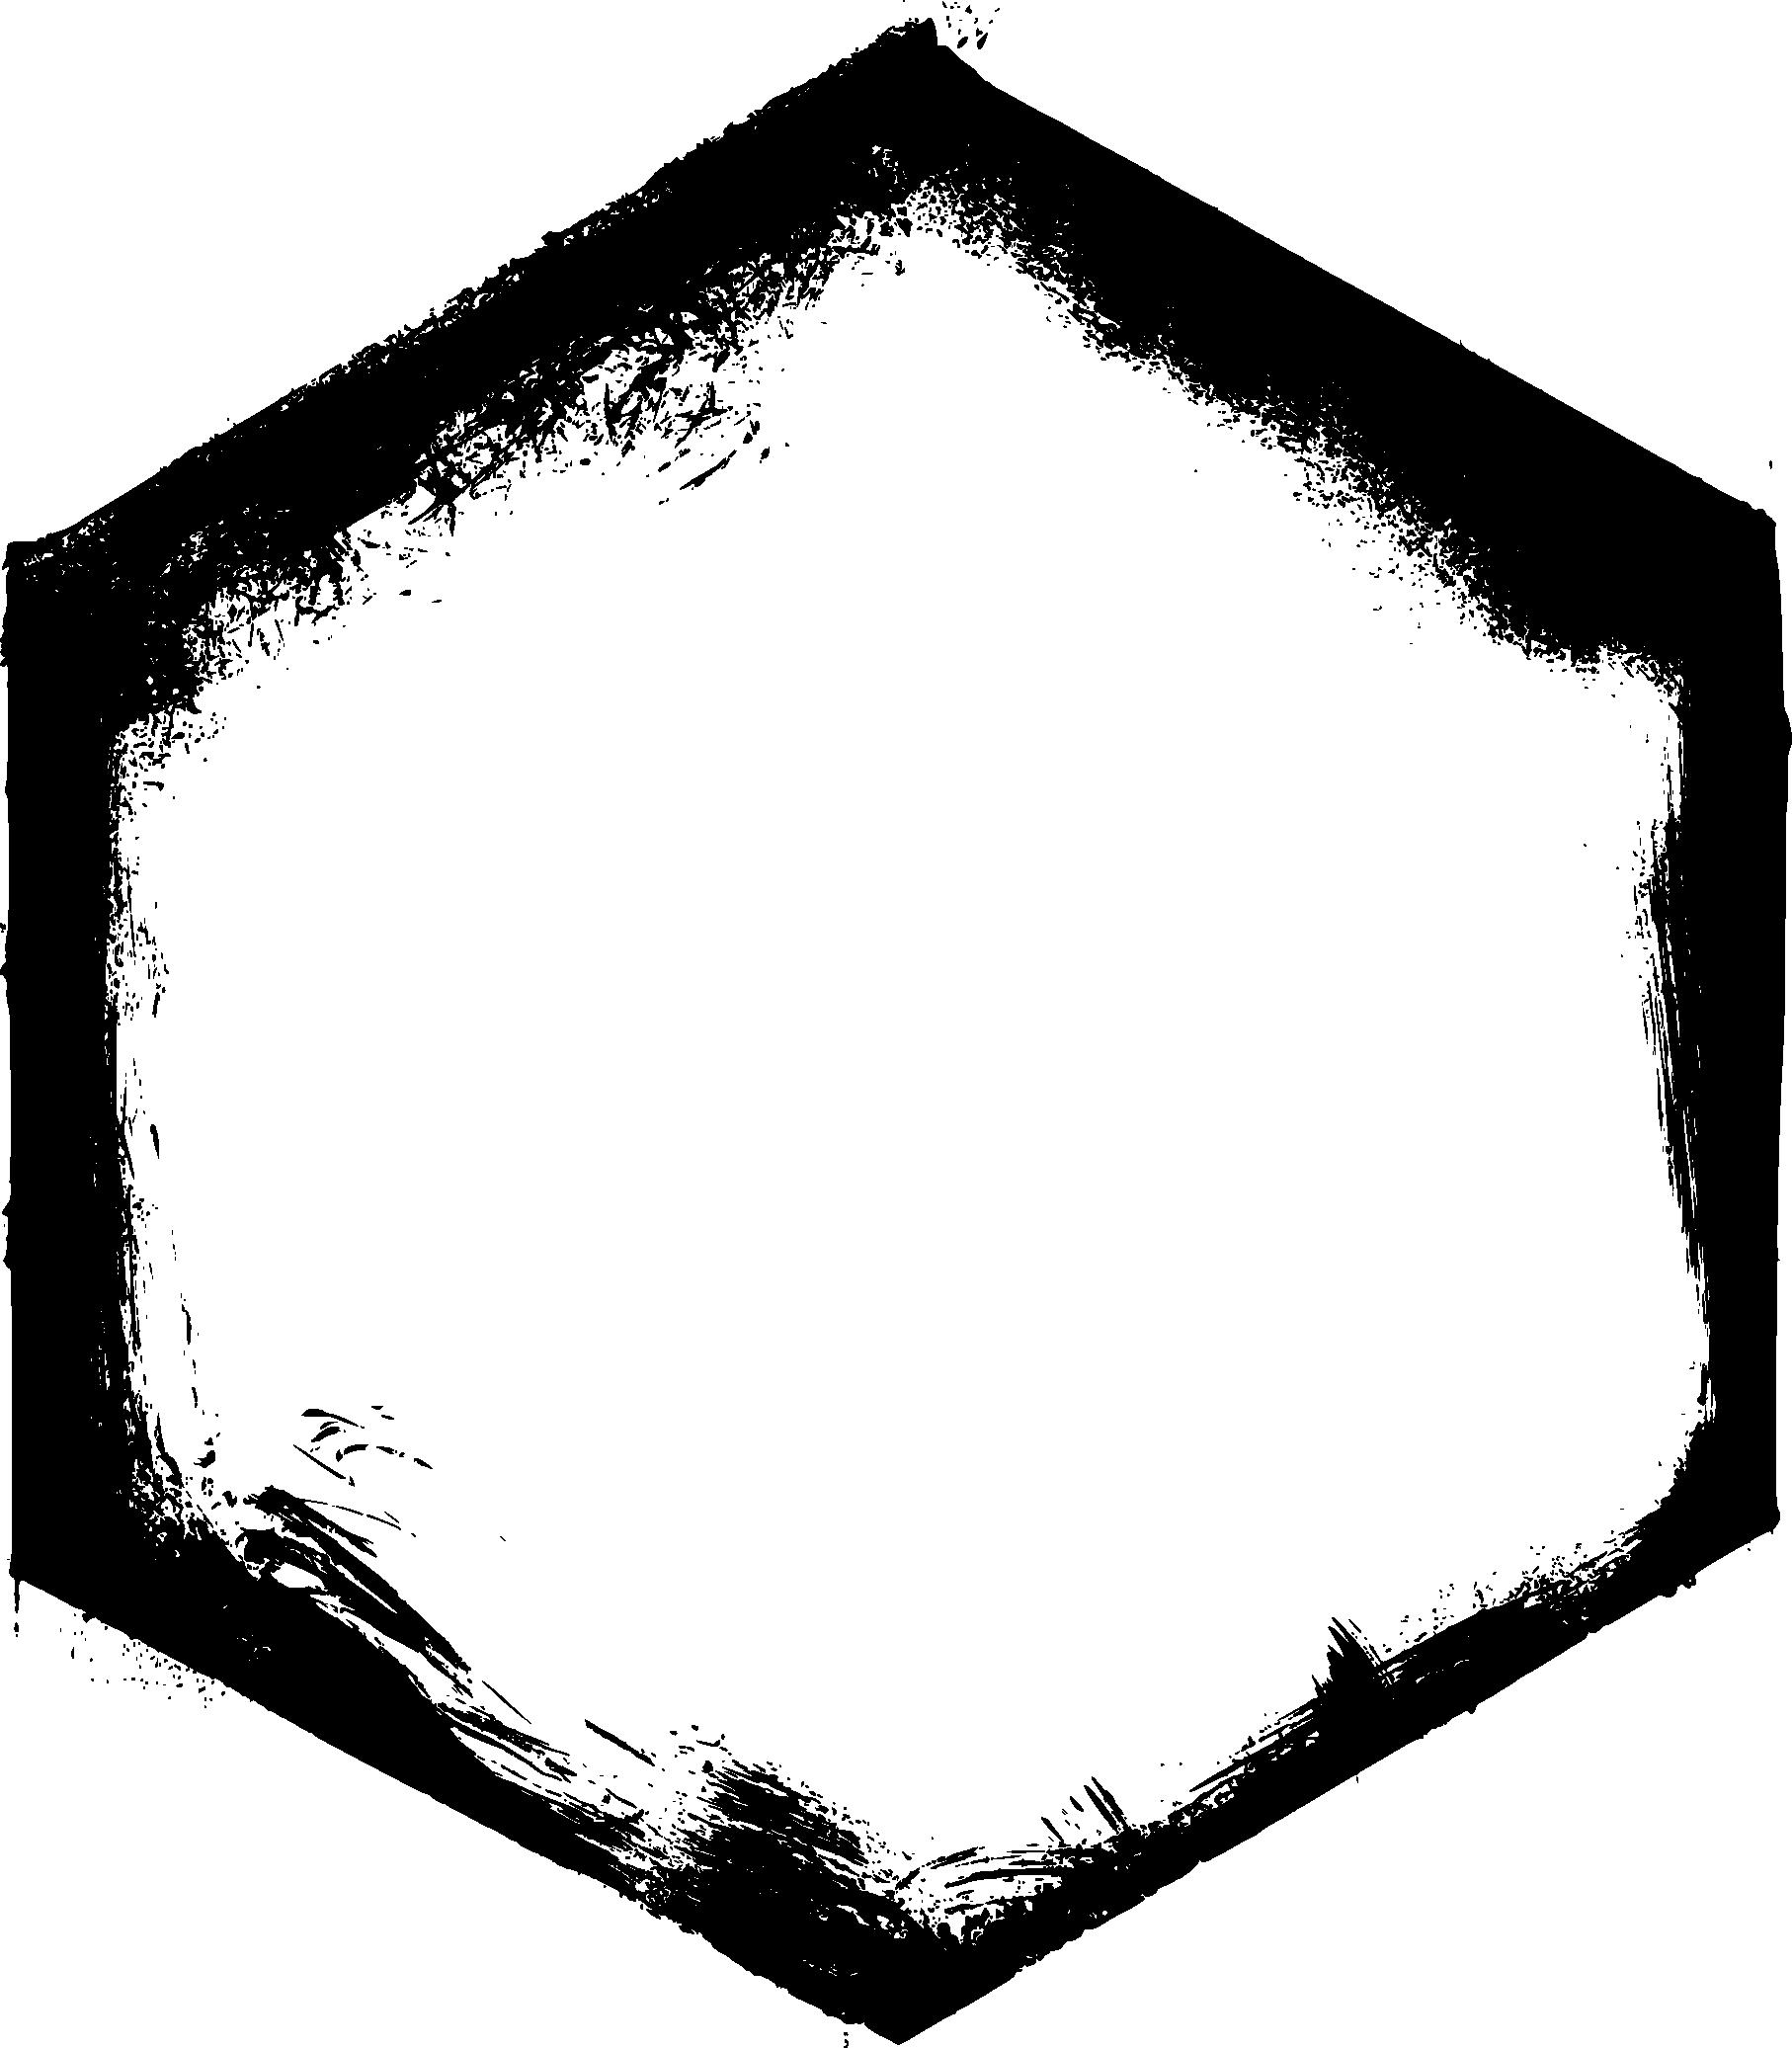 Ͽ� Ͽ� Ͽ� Ͽ� Ͽ� Ͽ� Ͽ� Ͽ� Ͽ� Ͽ� Ͽ� Ͽ� Ͽ� Ͽ� Ͽ� Ͽ� Ͽ� Ͽ� Ͽ� Ͽ� Ͽ� Ͽ� Ͽ� Ͽ� Ͽ� Ͽ� Ͽ� Ͽ� Ͽ� Ͽ� Ͽ� Ͽ� Ͽ� Ͽ� Ͽ� Ͽ� Ͽ� Ͽ� Ͽ� Ͽ� Ͽ� Ͽ� Ͽ� Ͽ� Ͽ� Ͽ� Ͽ� Ͽ� Ͽ� Png: 4 Grunge Hexagon Frame (PNG Transparent)